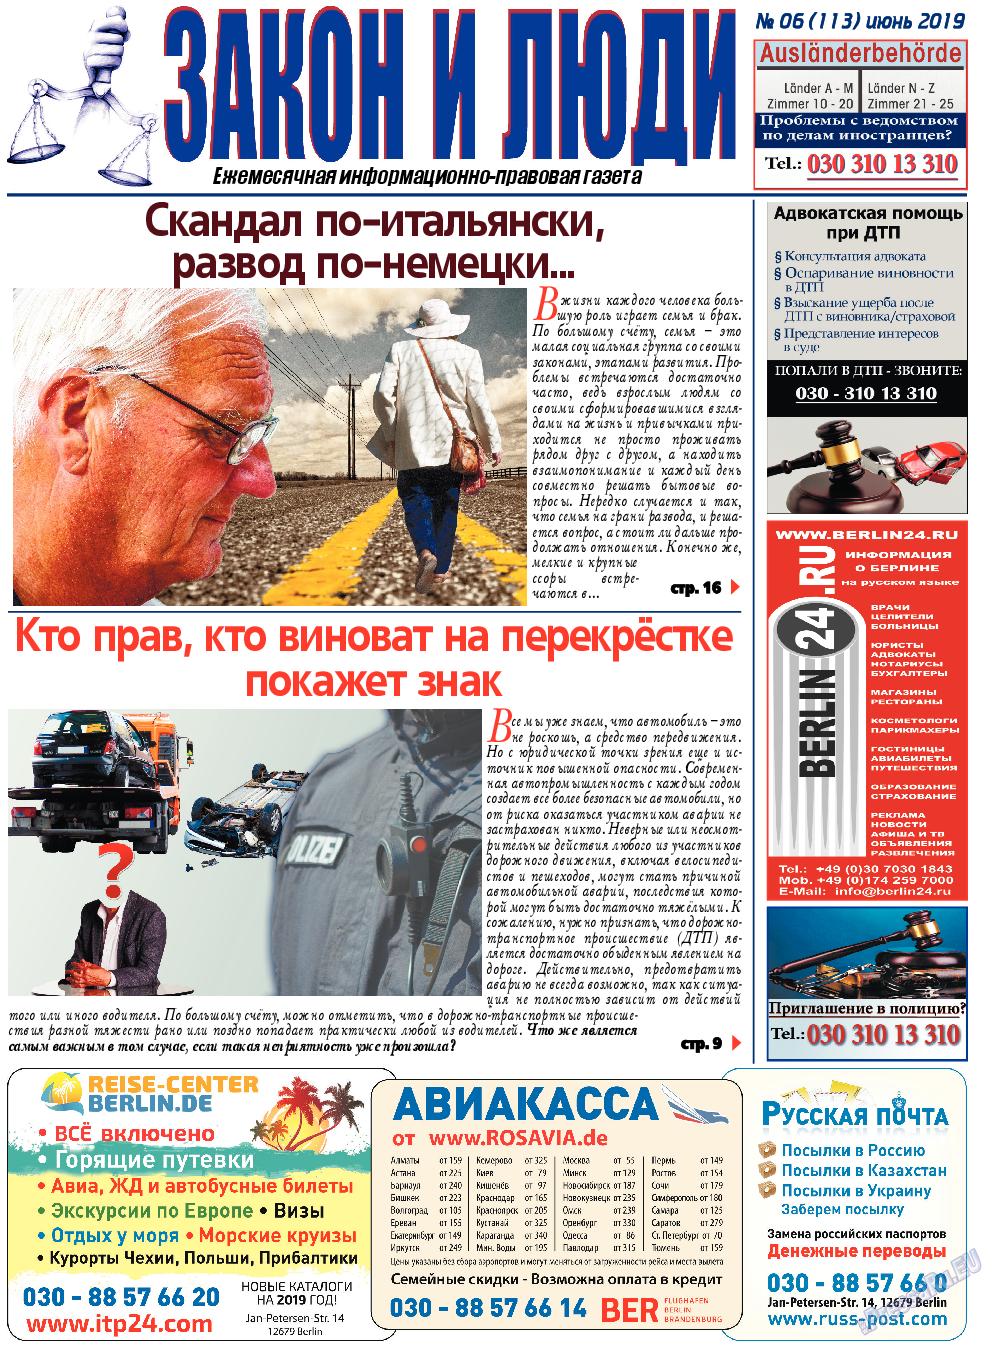 Закон и люди (газета). 2019 год, номер 6, стр. 1